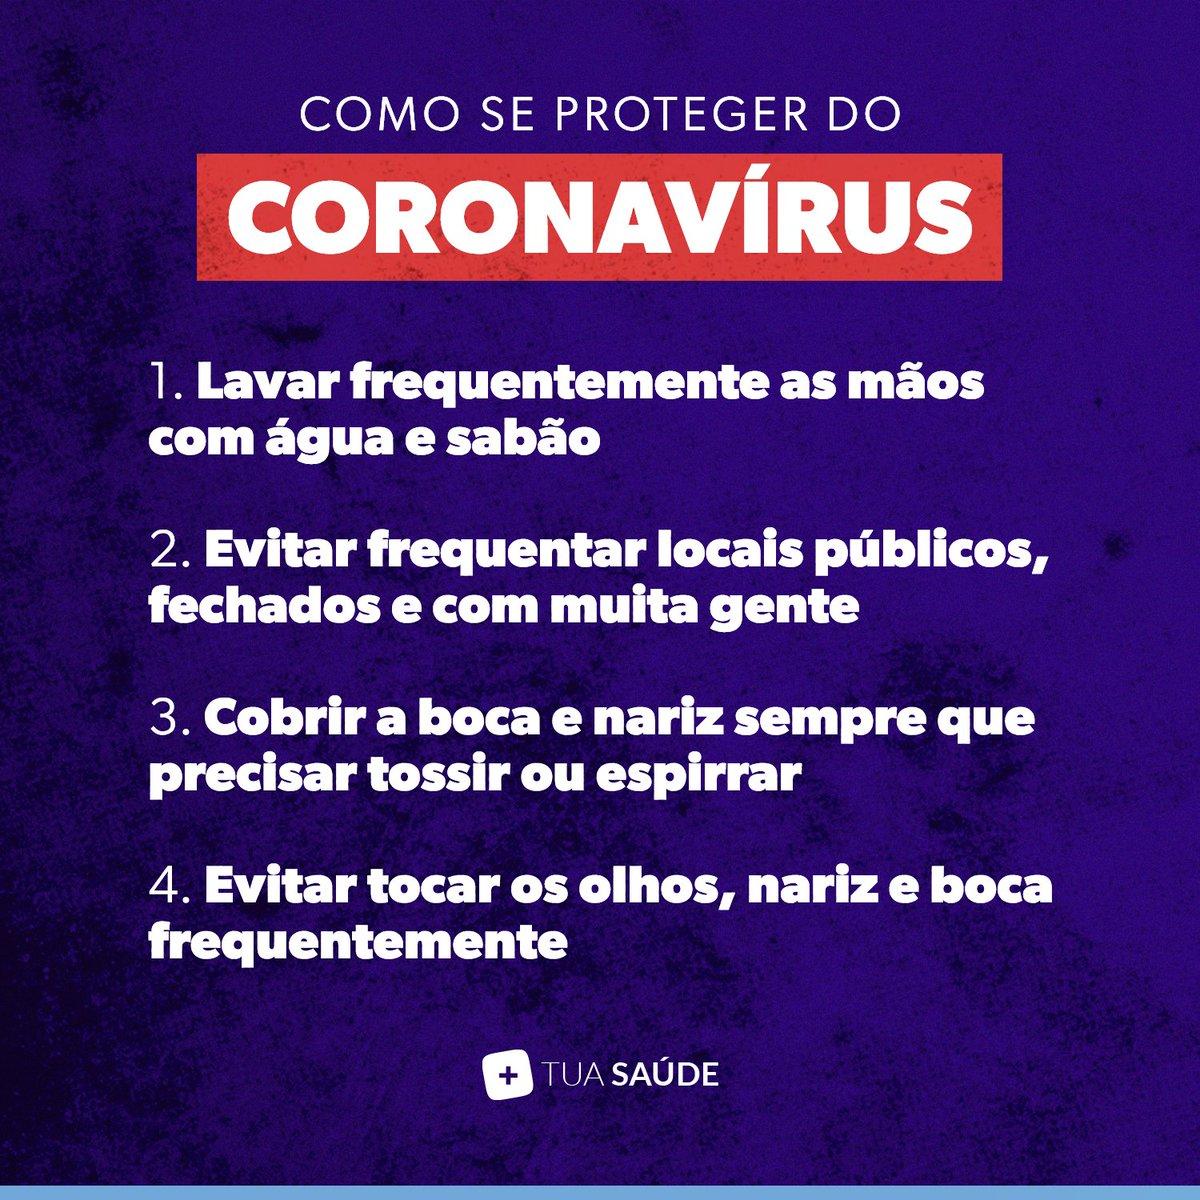 O #coronavírus não chegou ao Brasil nem a Portugal e, por isso, é preciso ter calma! ⚠️ Mas mantenha vigilância! Se precisar se proteger, estas são algumas medidas práticas. #TuaSaúde